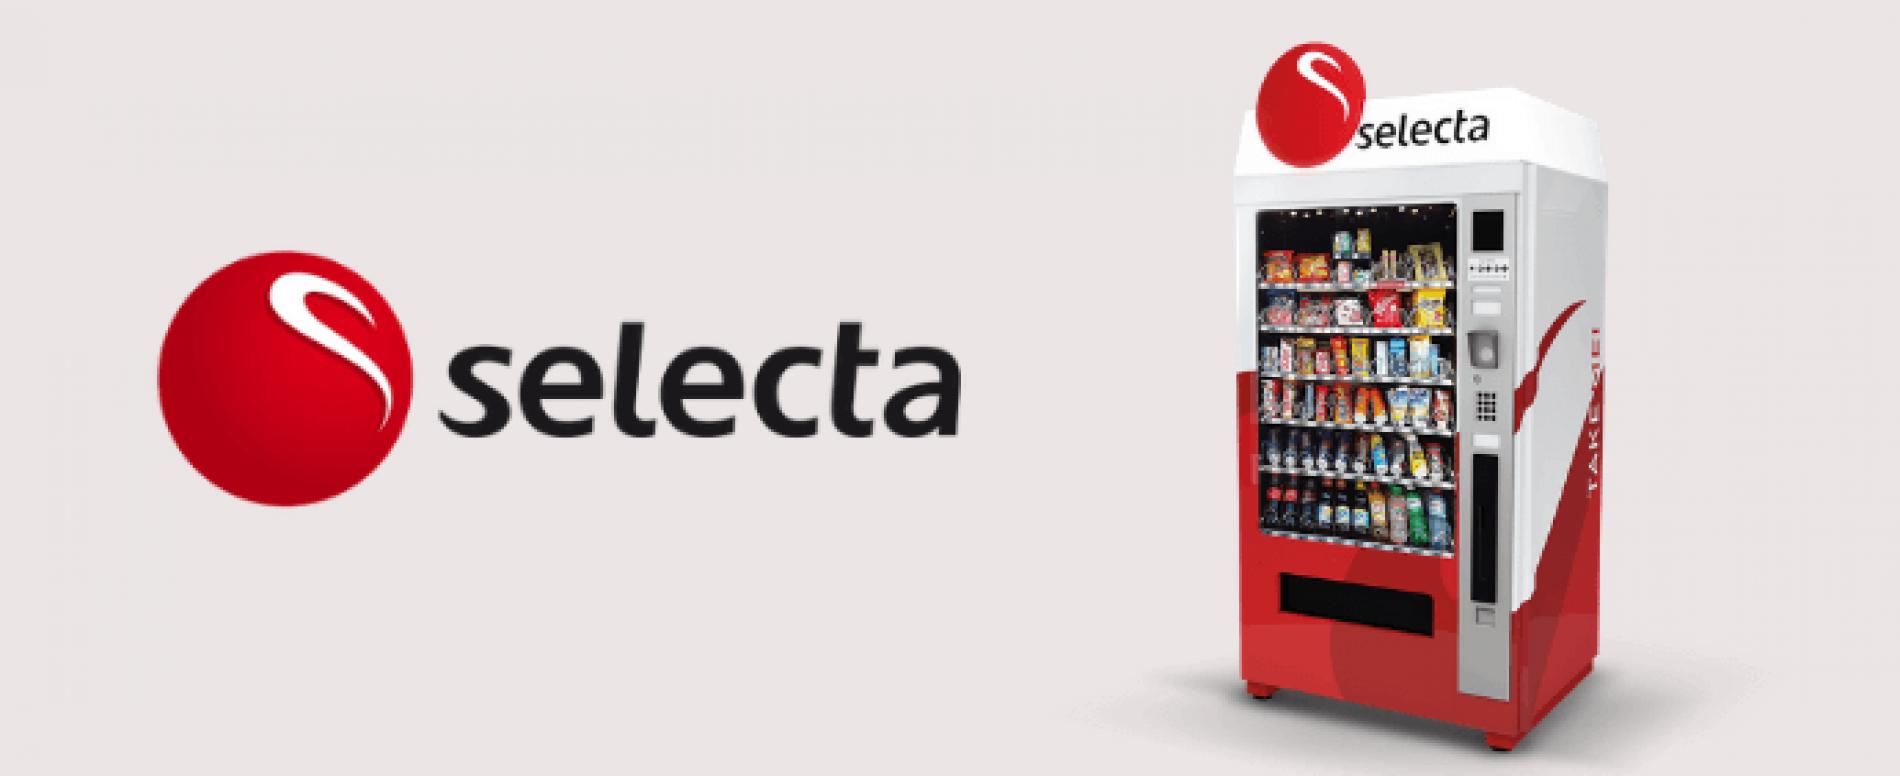 Selecta Group. Presentati i risultati del 4° trimestre 2018